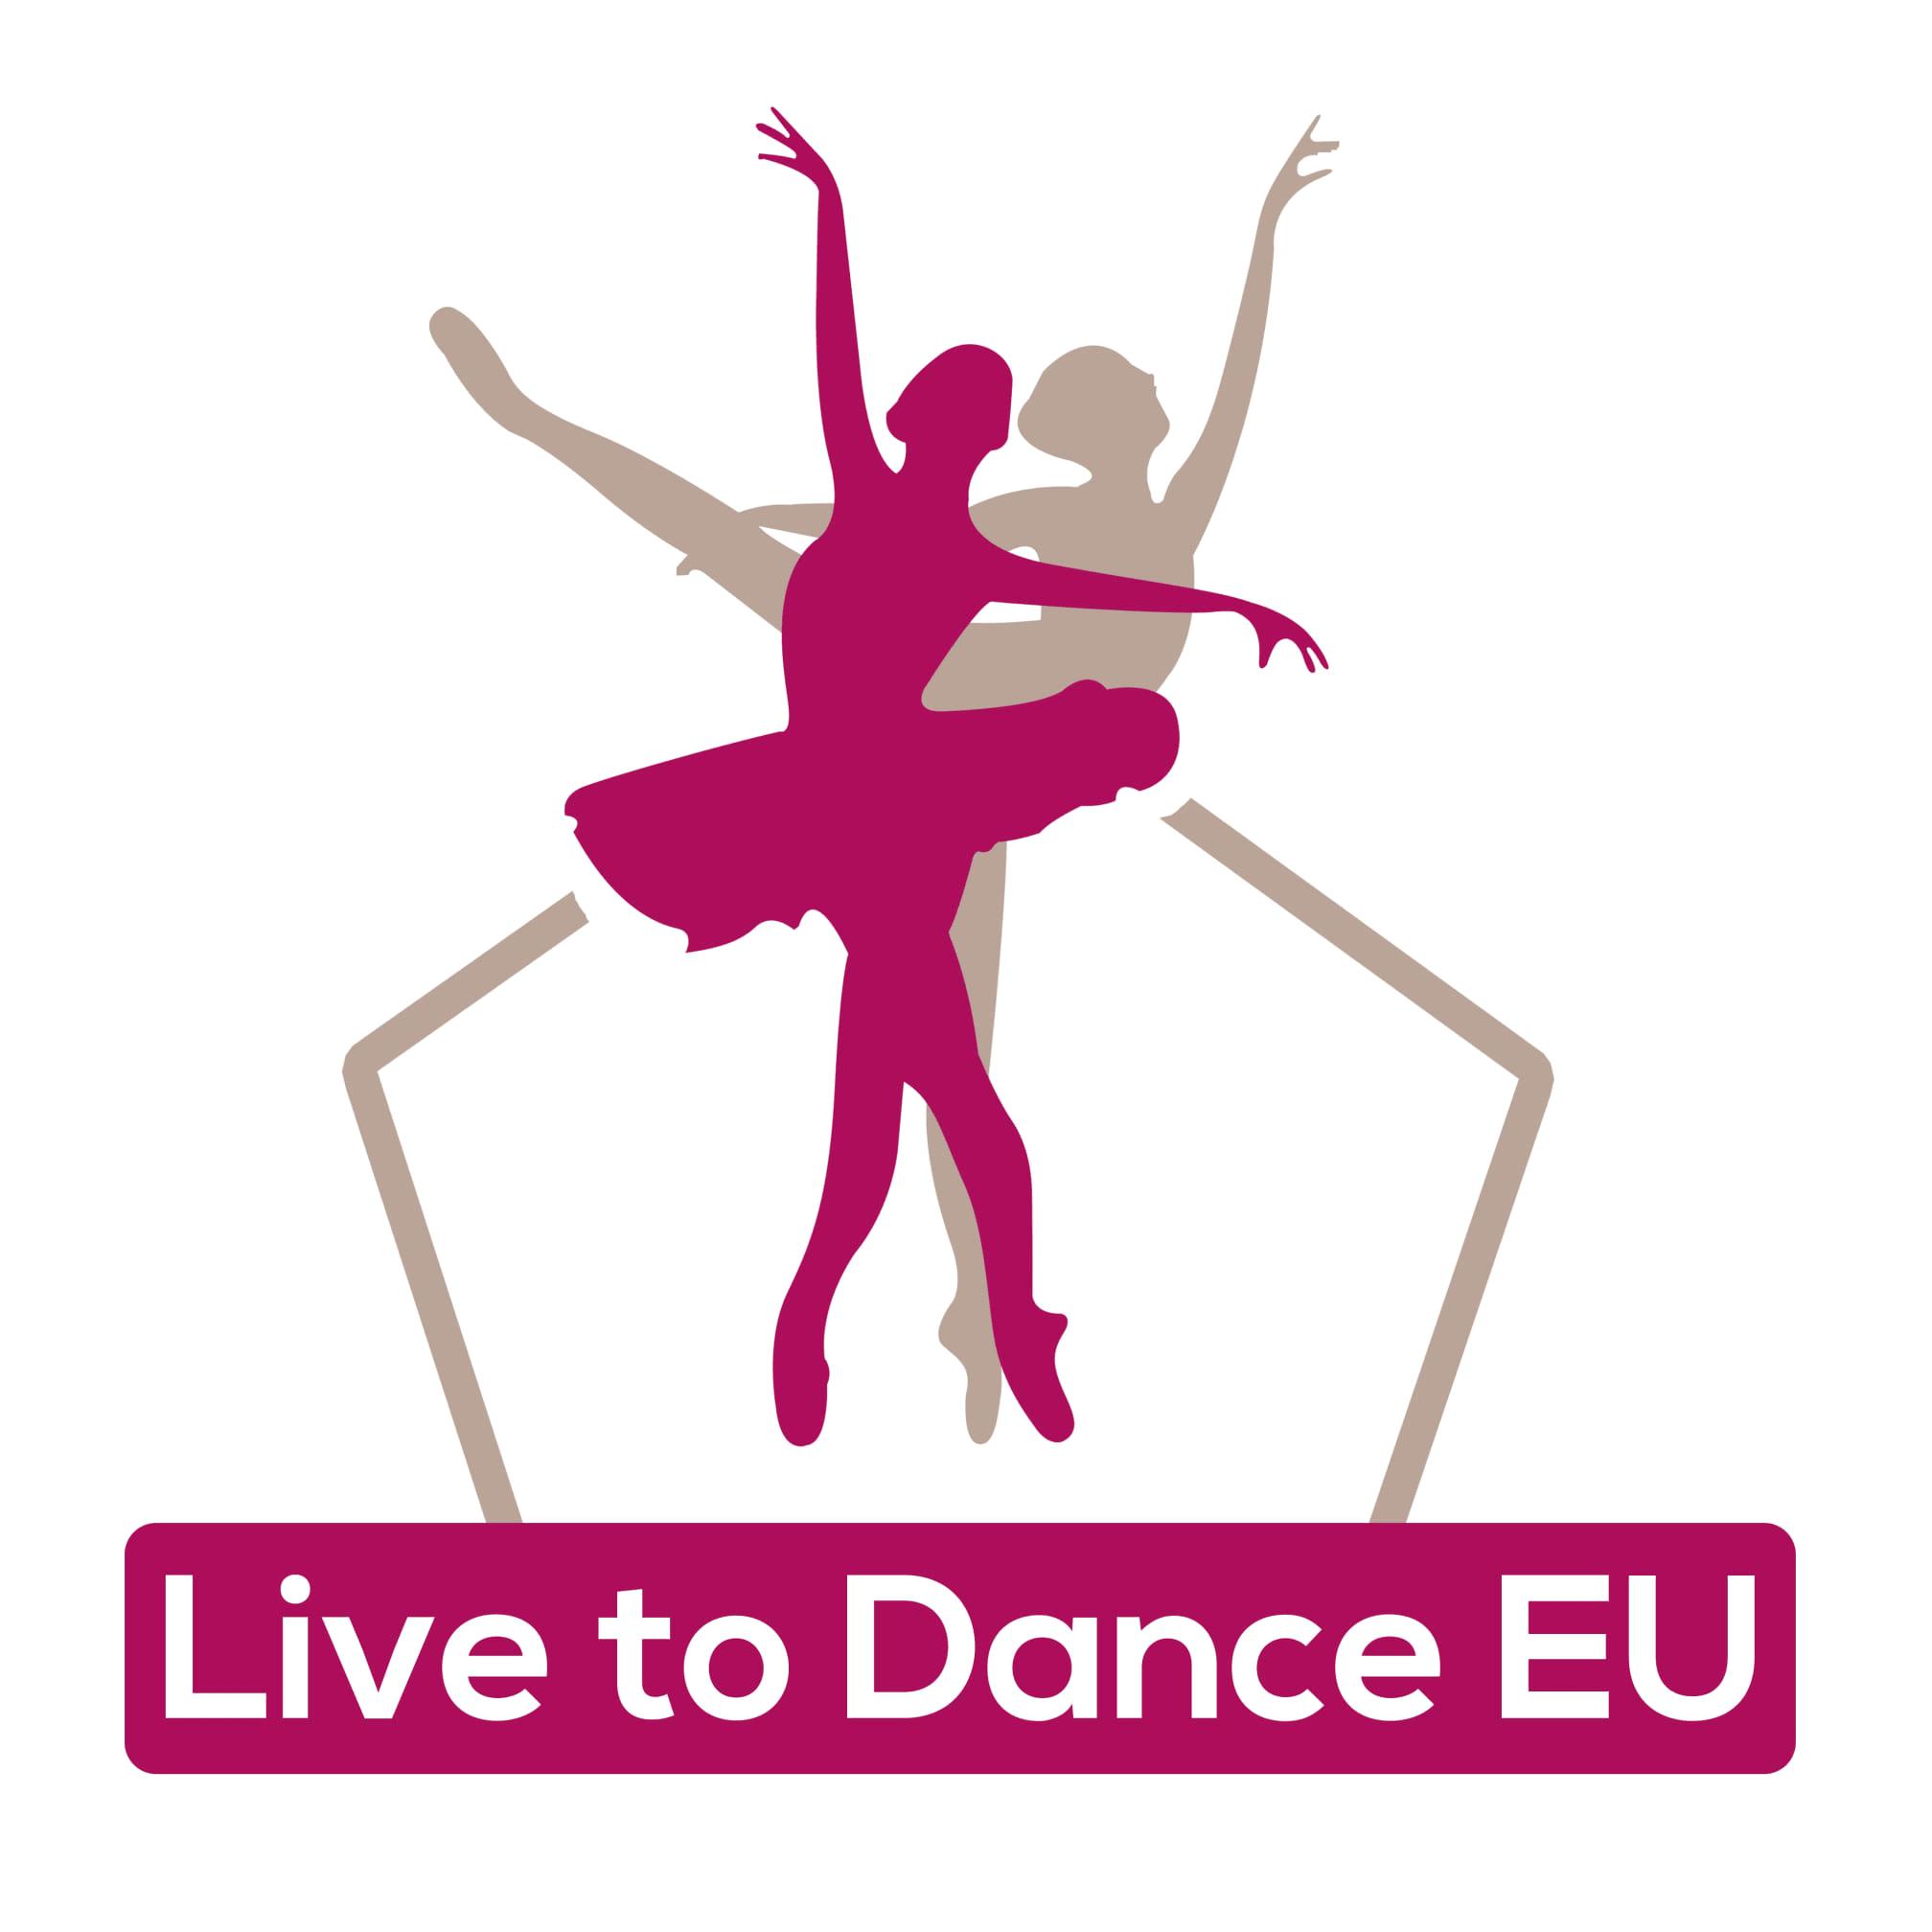 Live to Dance EU - Larne, County Antrim BT40 2DE - 07760 235131 | ShowMeLocal.com